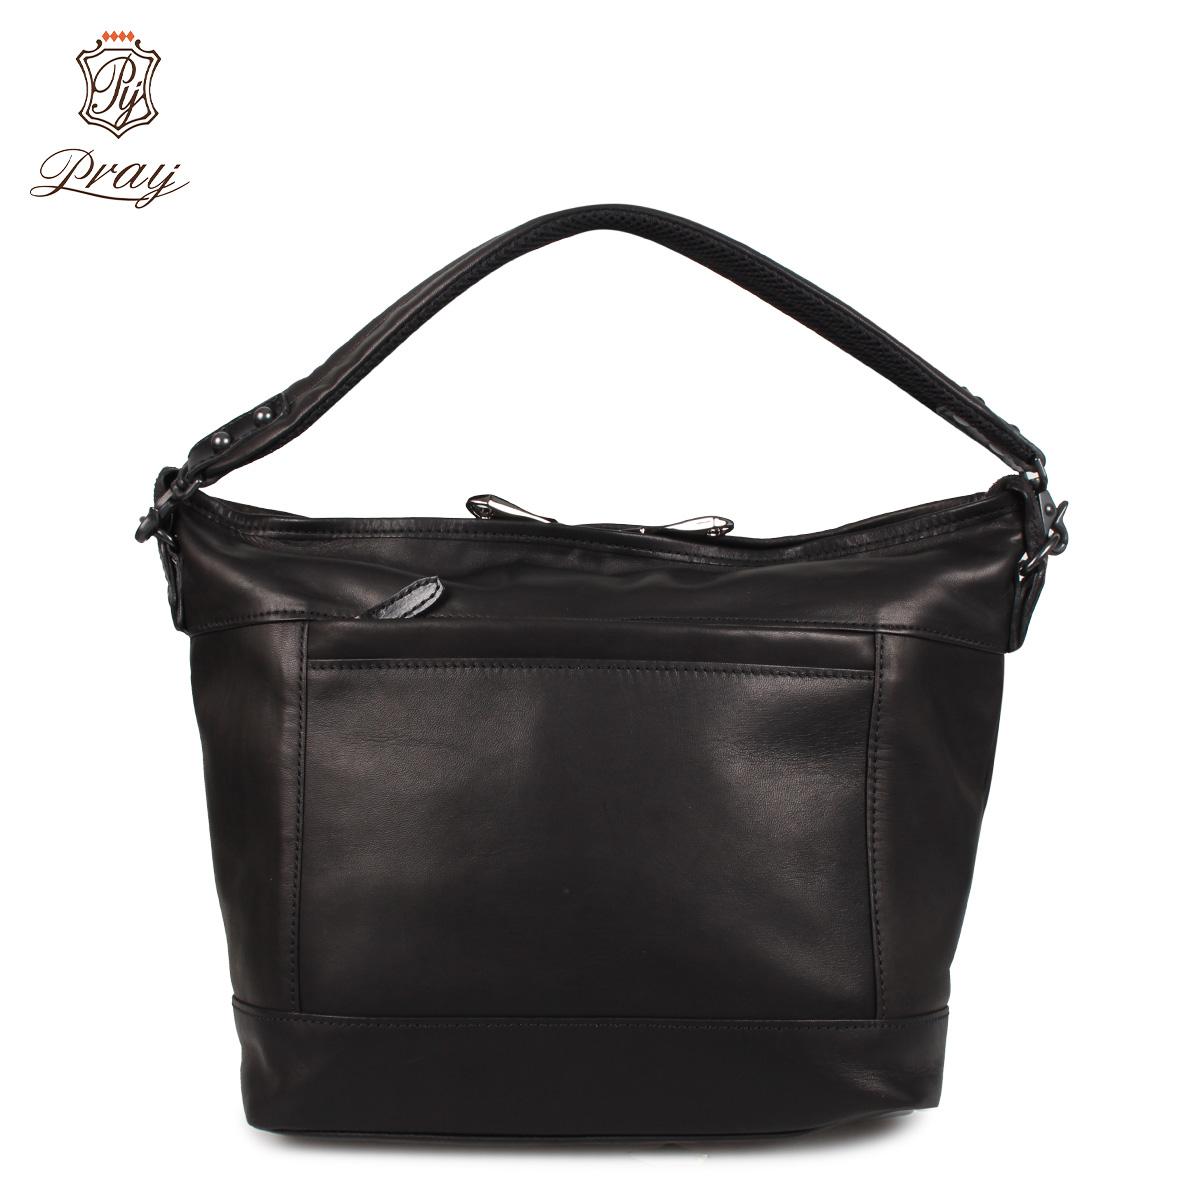 プレイ PRAY バッグ ショルダーバッグ メンズ MINI SHOULDER BAG ブラック 黒 PRSHD-302 [4/6 新入荷]